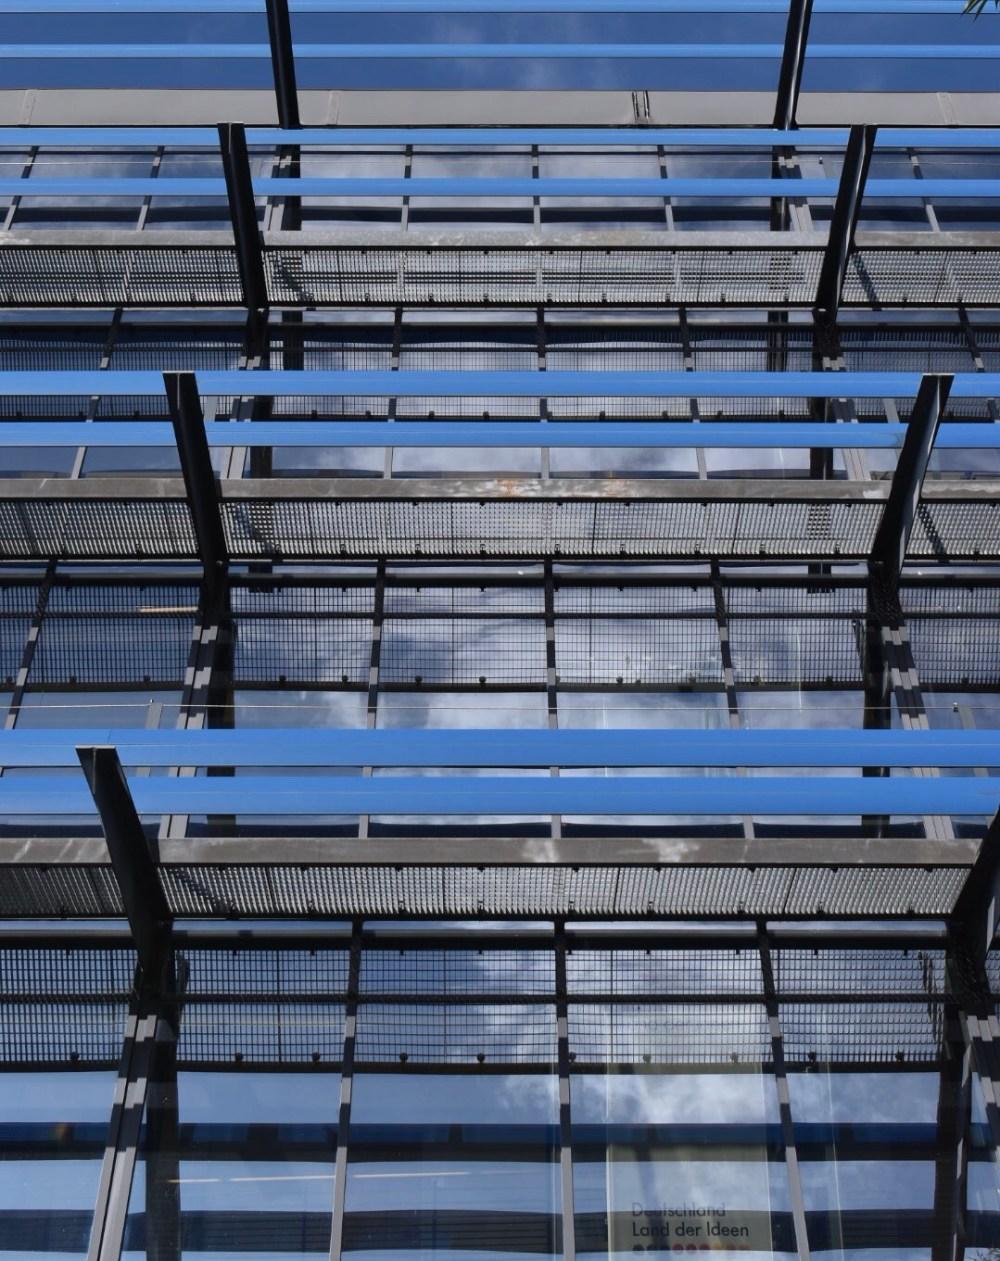 Glasfassade in der sich der Himmel spiegelt